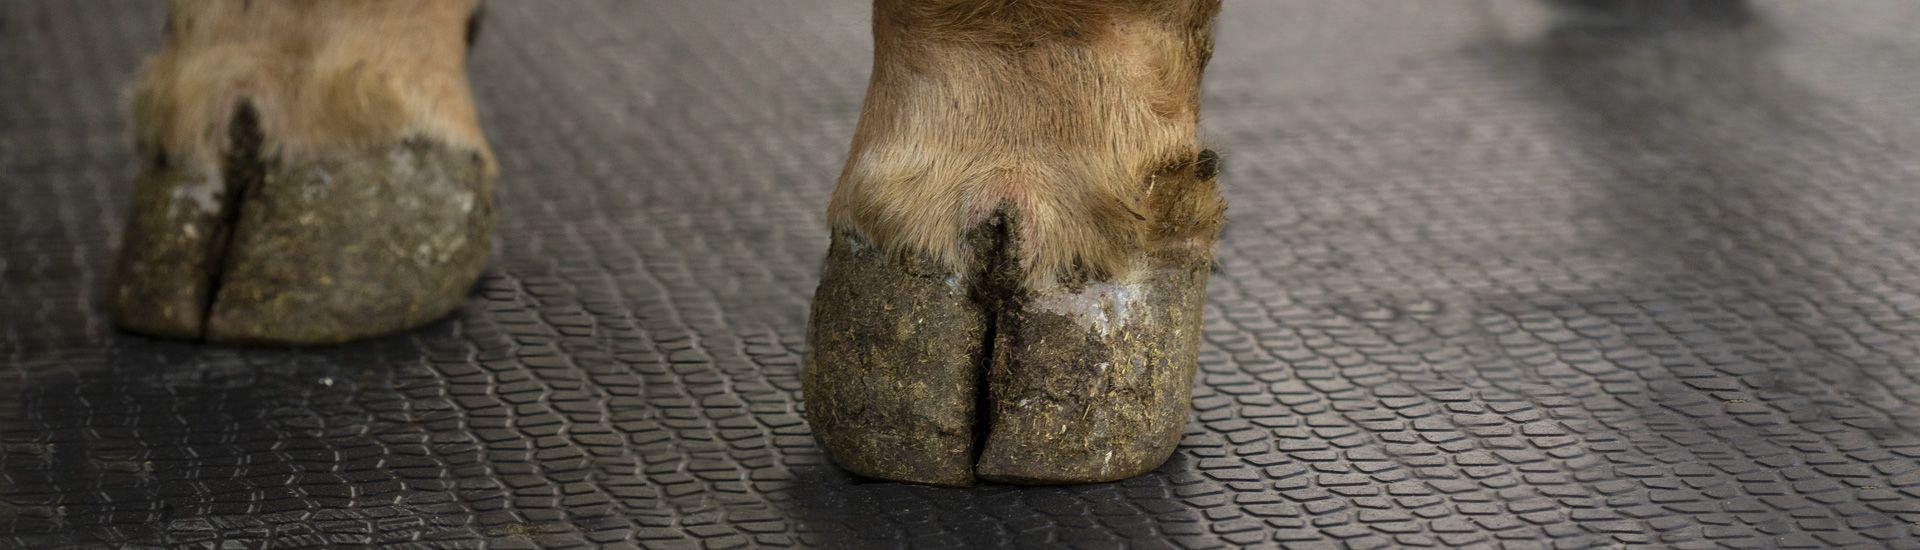 KRAIBURG MONTA: Gummimatte bietet Kühen Halt auf steilen Wegen